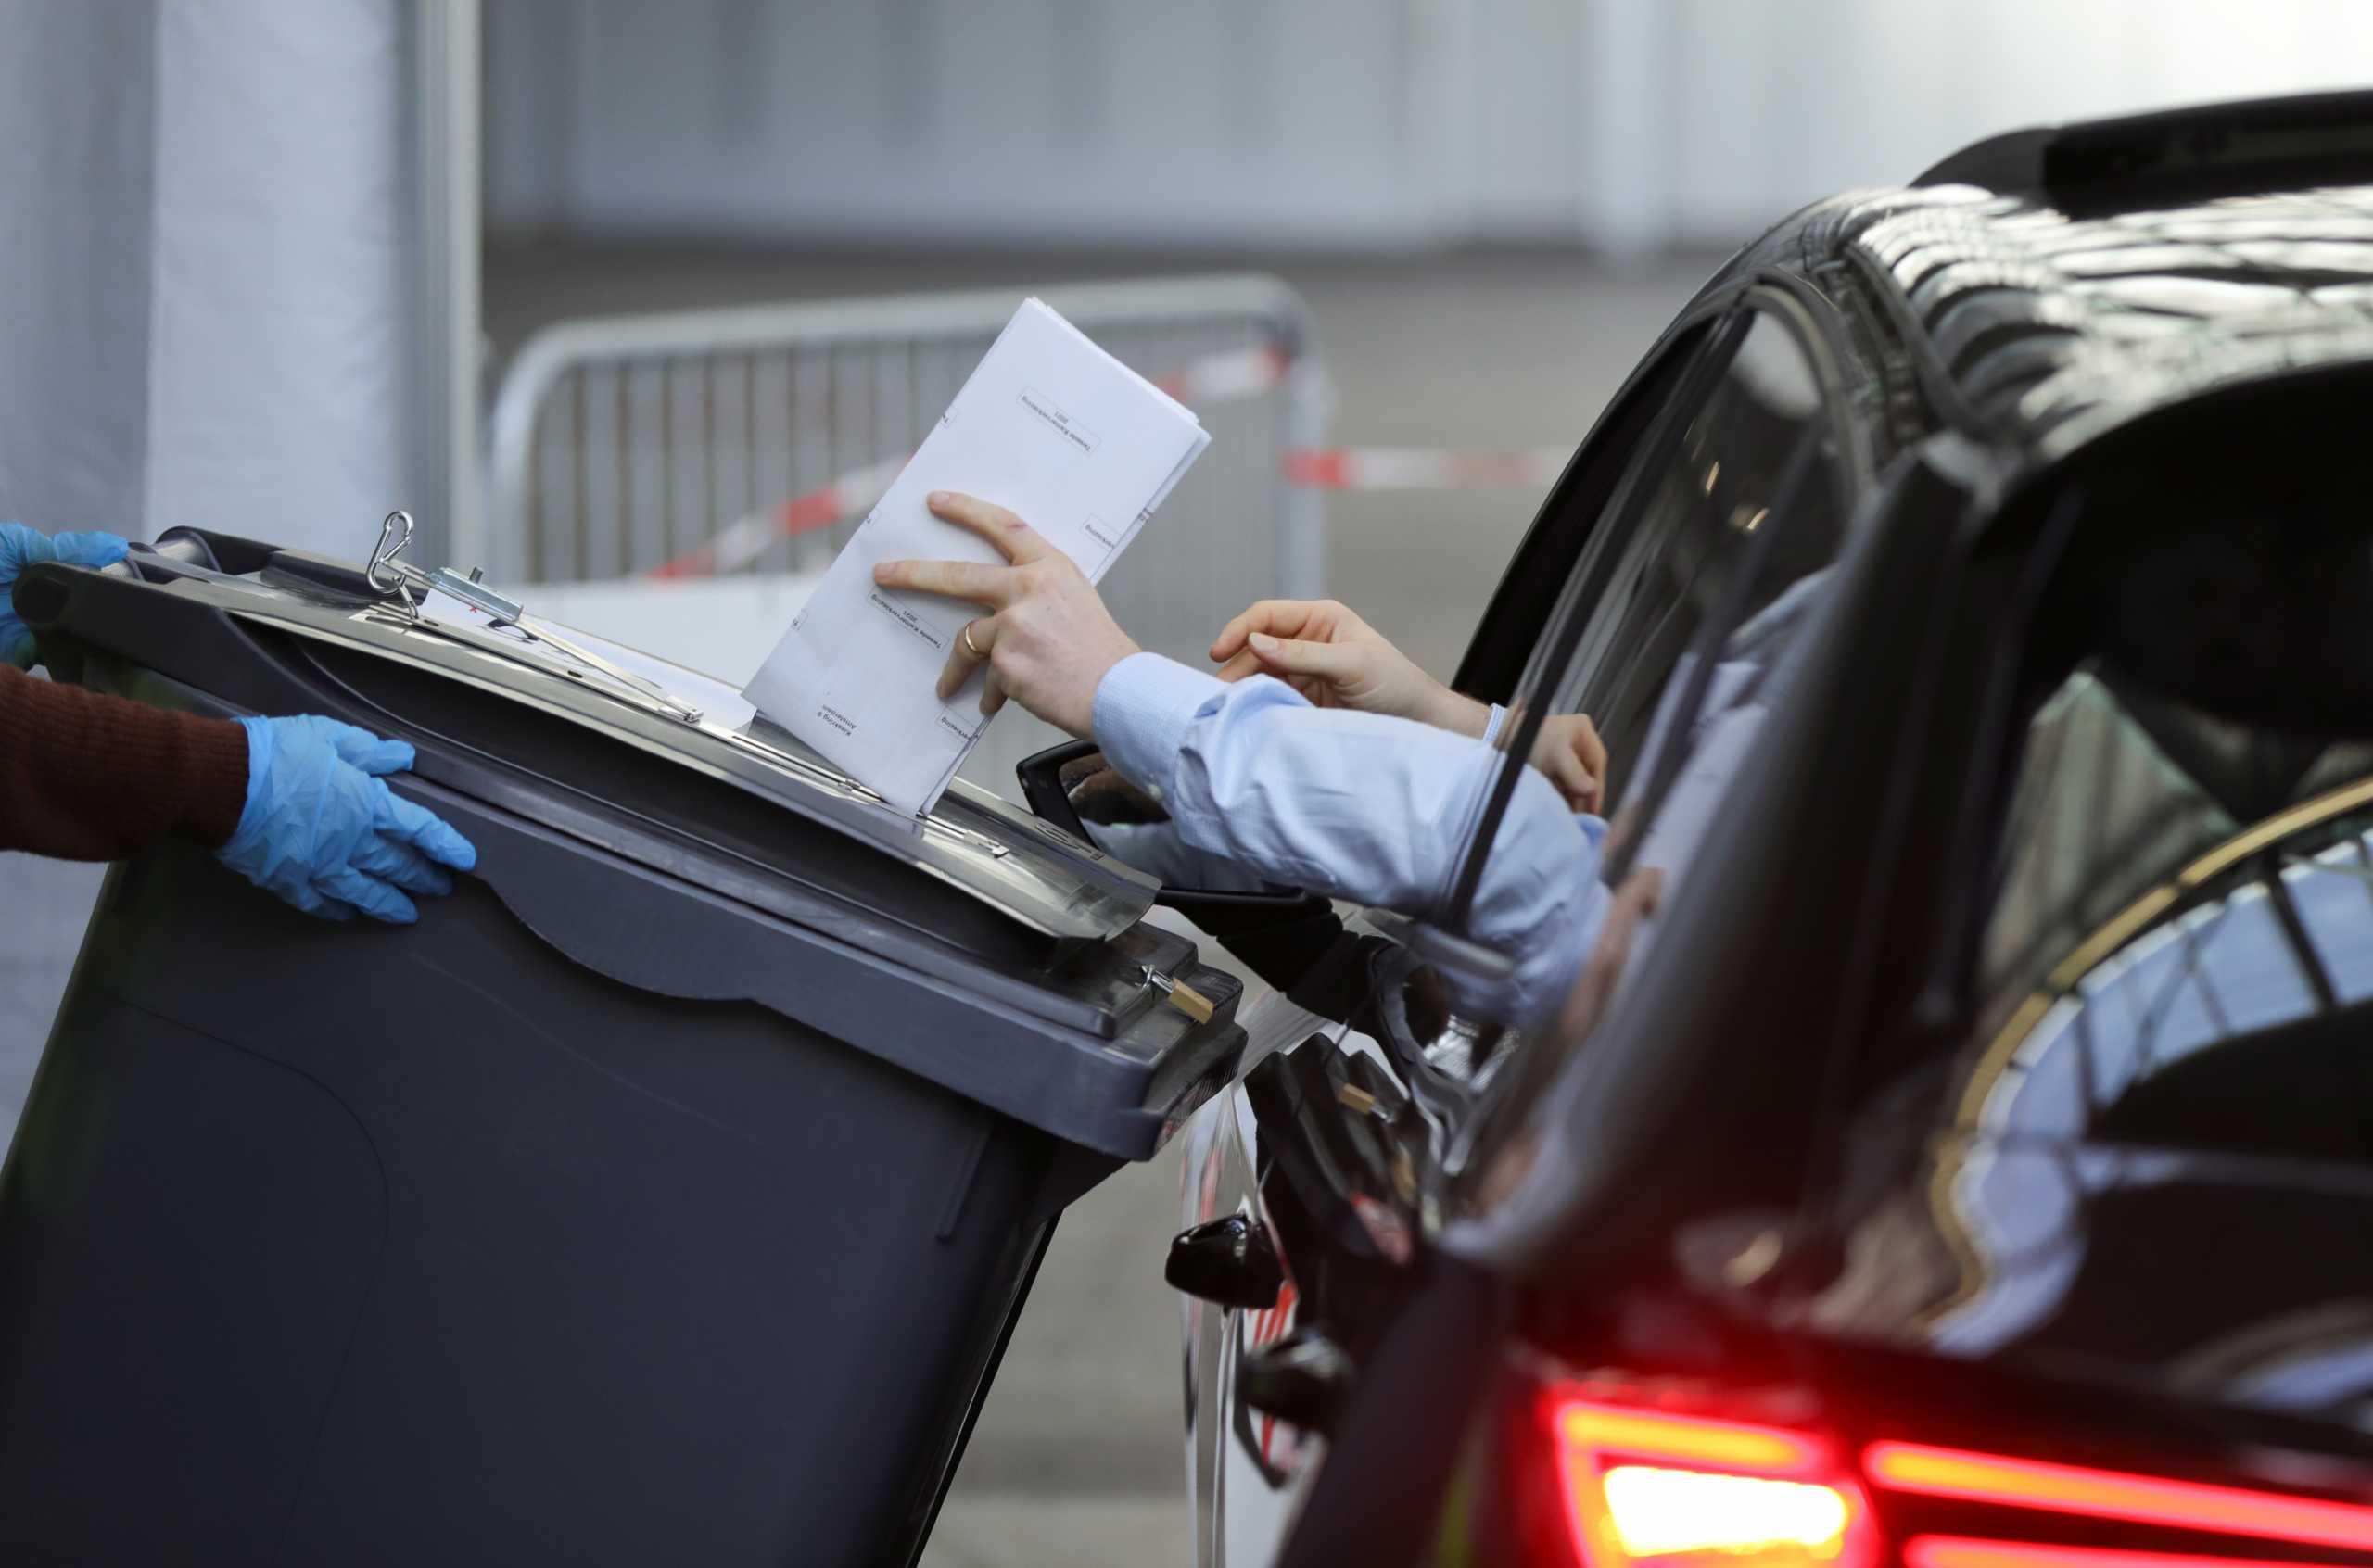 Ολλανδία: Τελευταία μέρα εκλογών – Κάλπες σε εκκλησίες, μουσεία και… drive  through (pics)